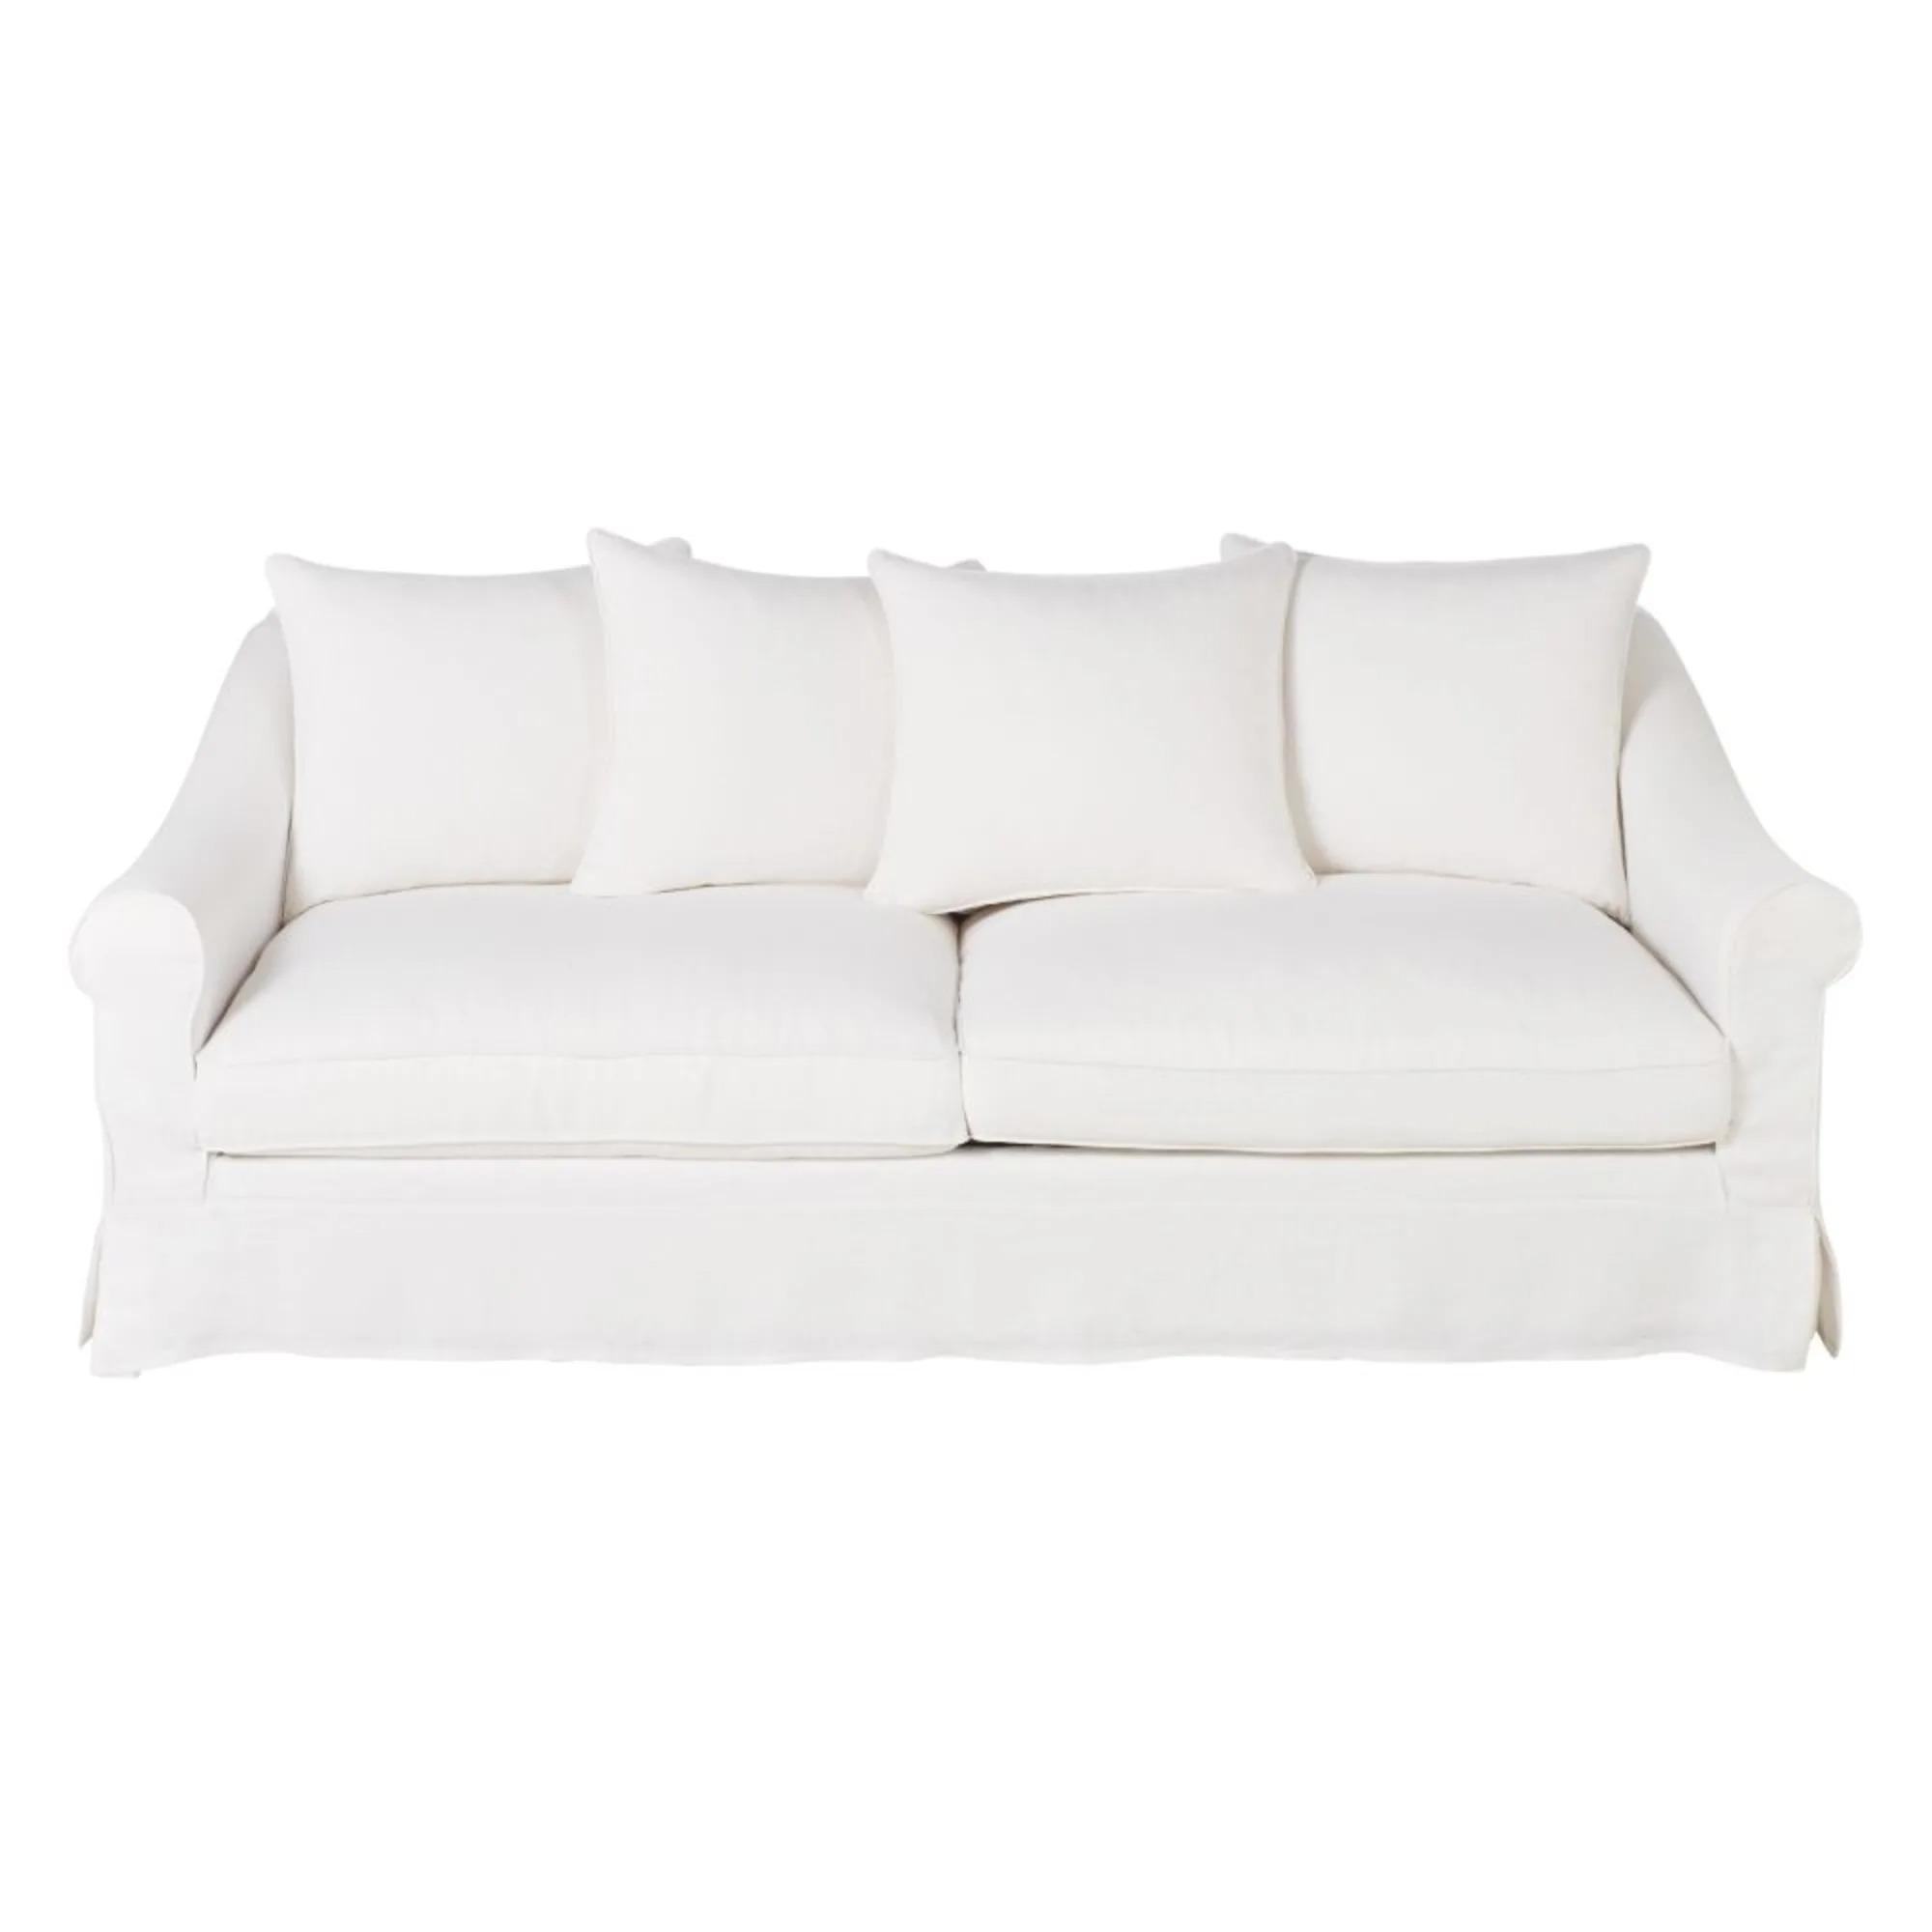 JOANNE.- Sofá de 4/5 plazas de lino blanco